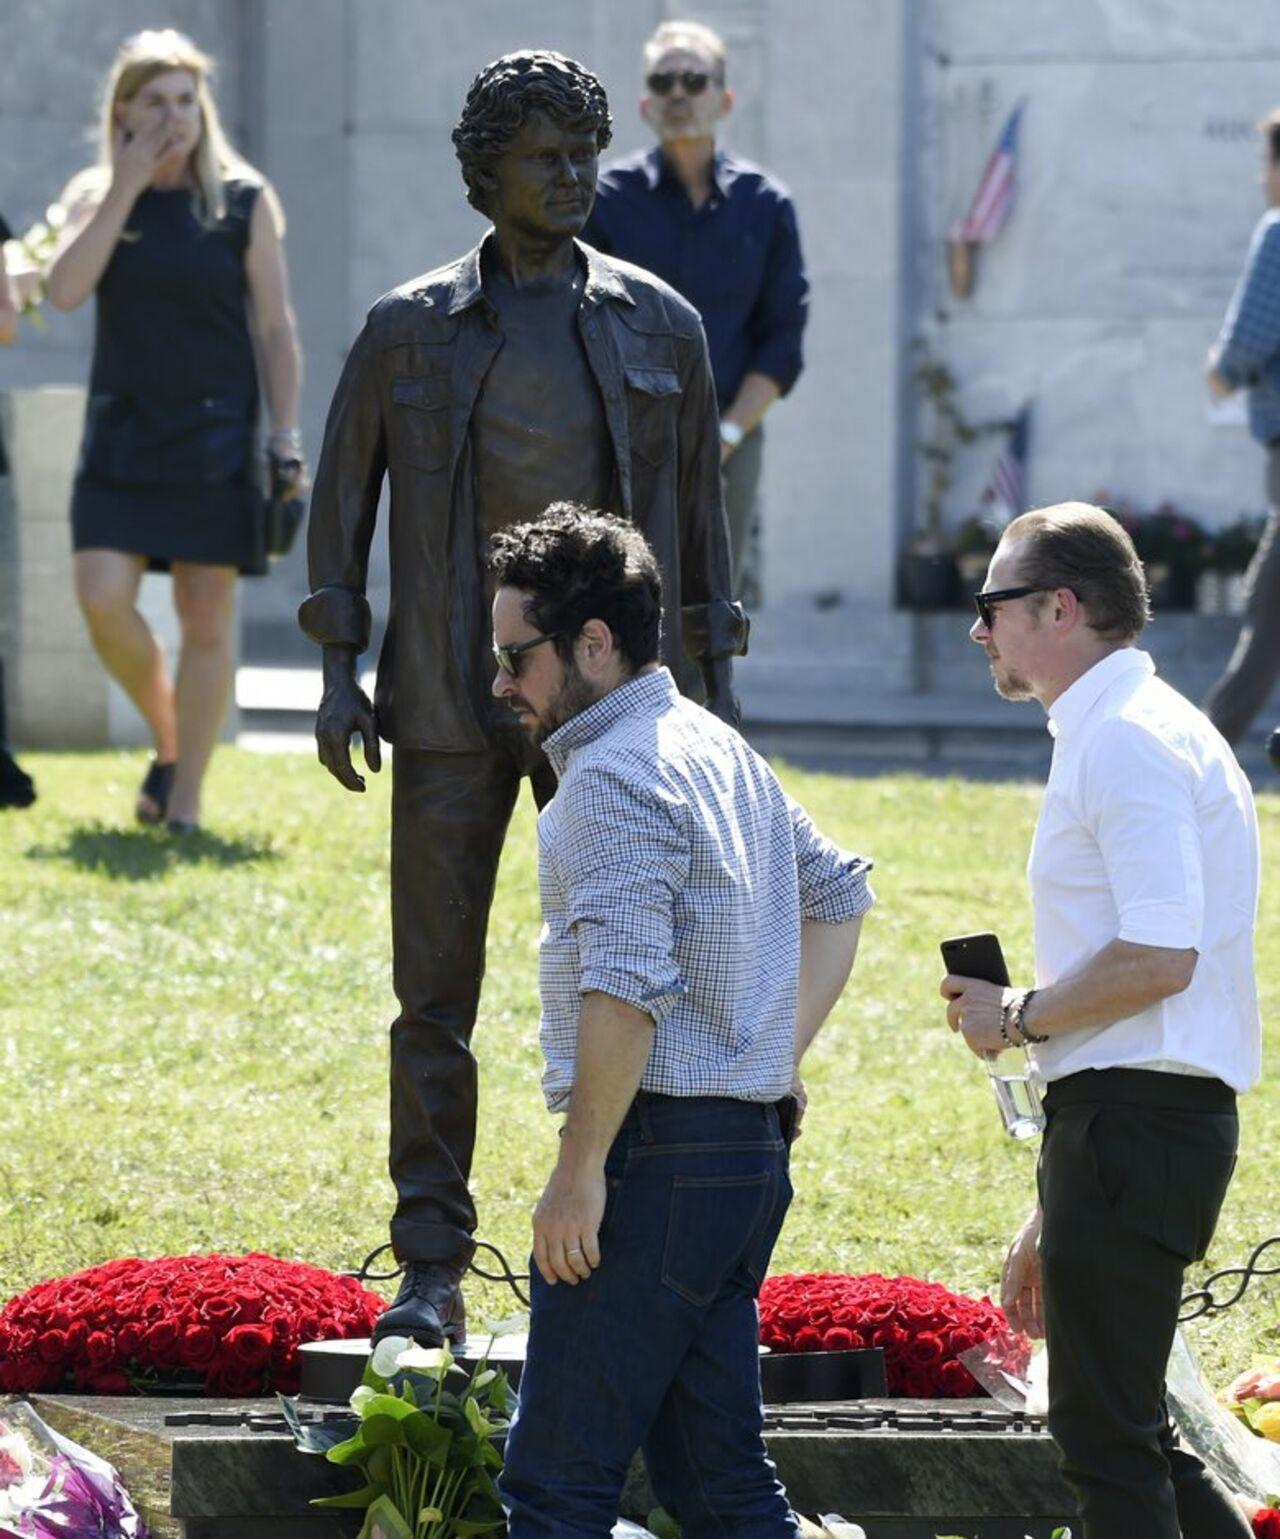 Статуя американского актера русского происхождения Антона Ельчина появилась на его могиле в Лос-Анджелесе. Об этом сообщает Life